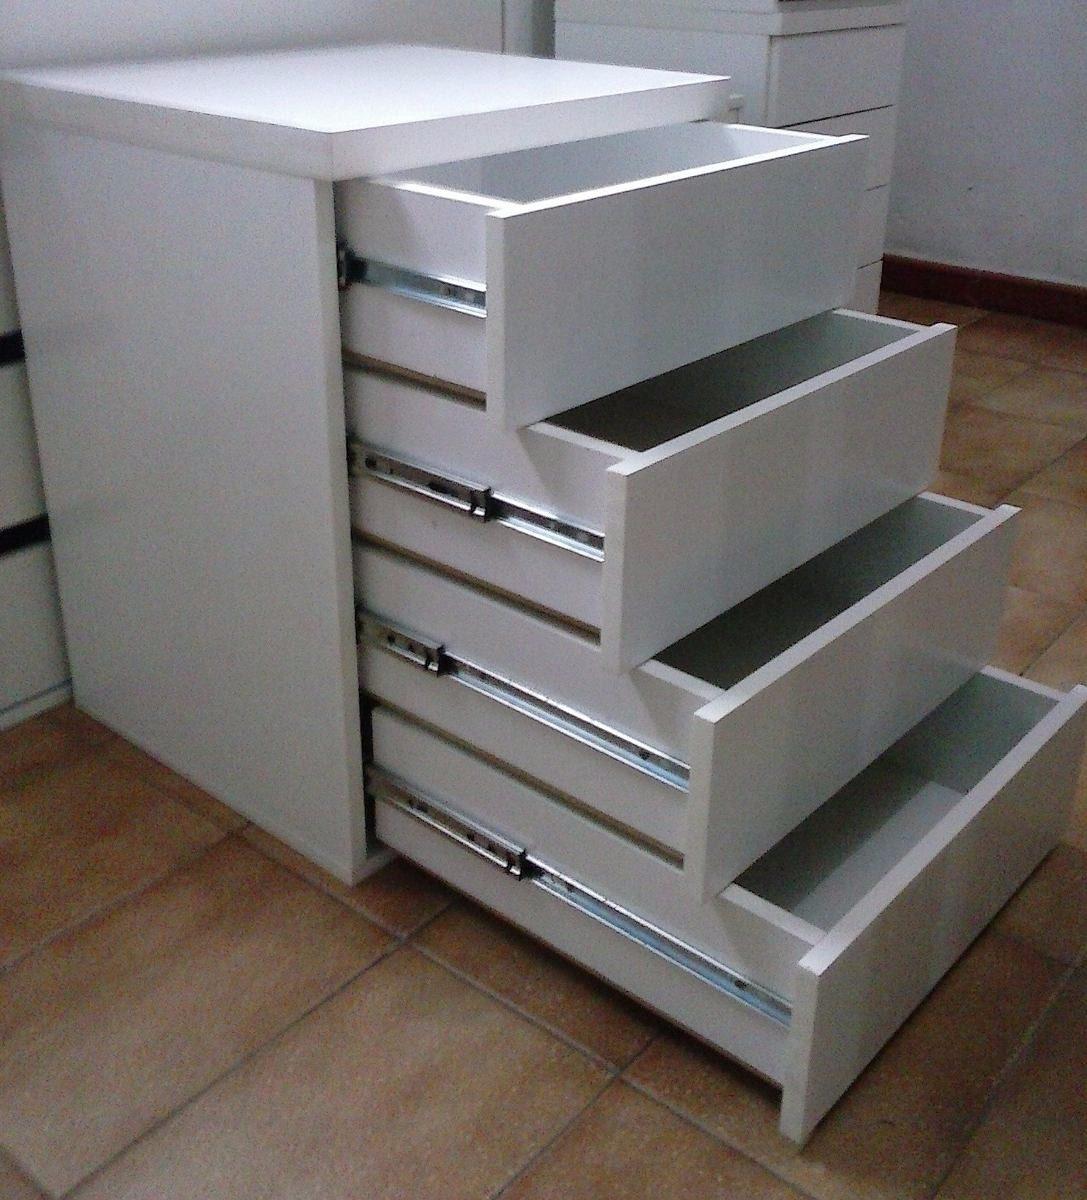 Gavetas Marcenaria Móveis Para Quartos! R$ 189 90 no MercadoLivre #604A38 1087x1200